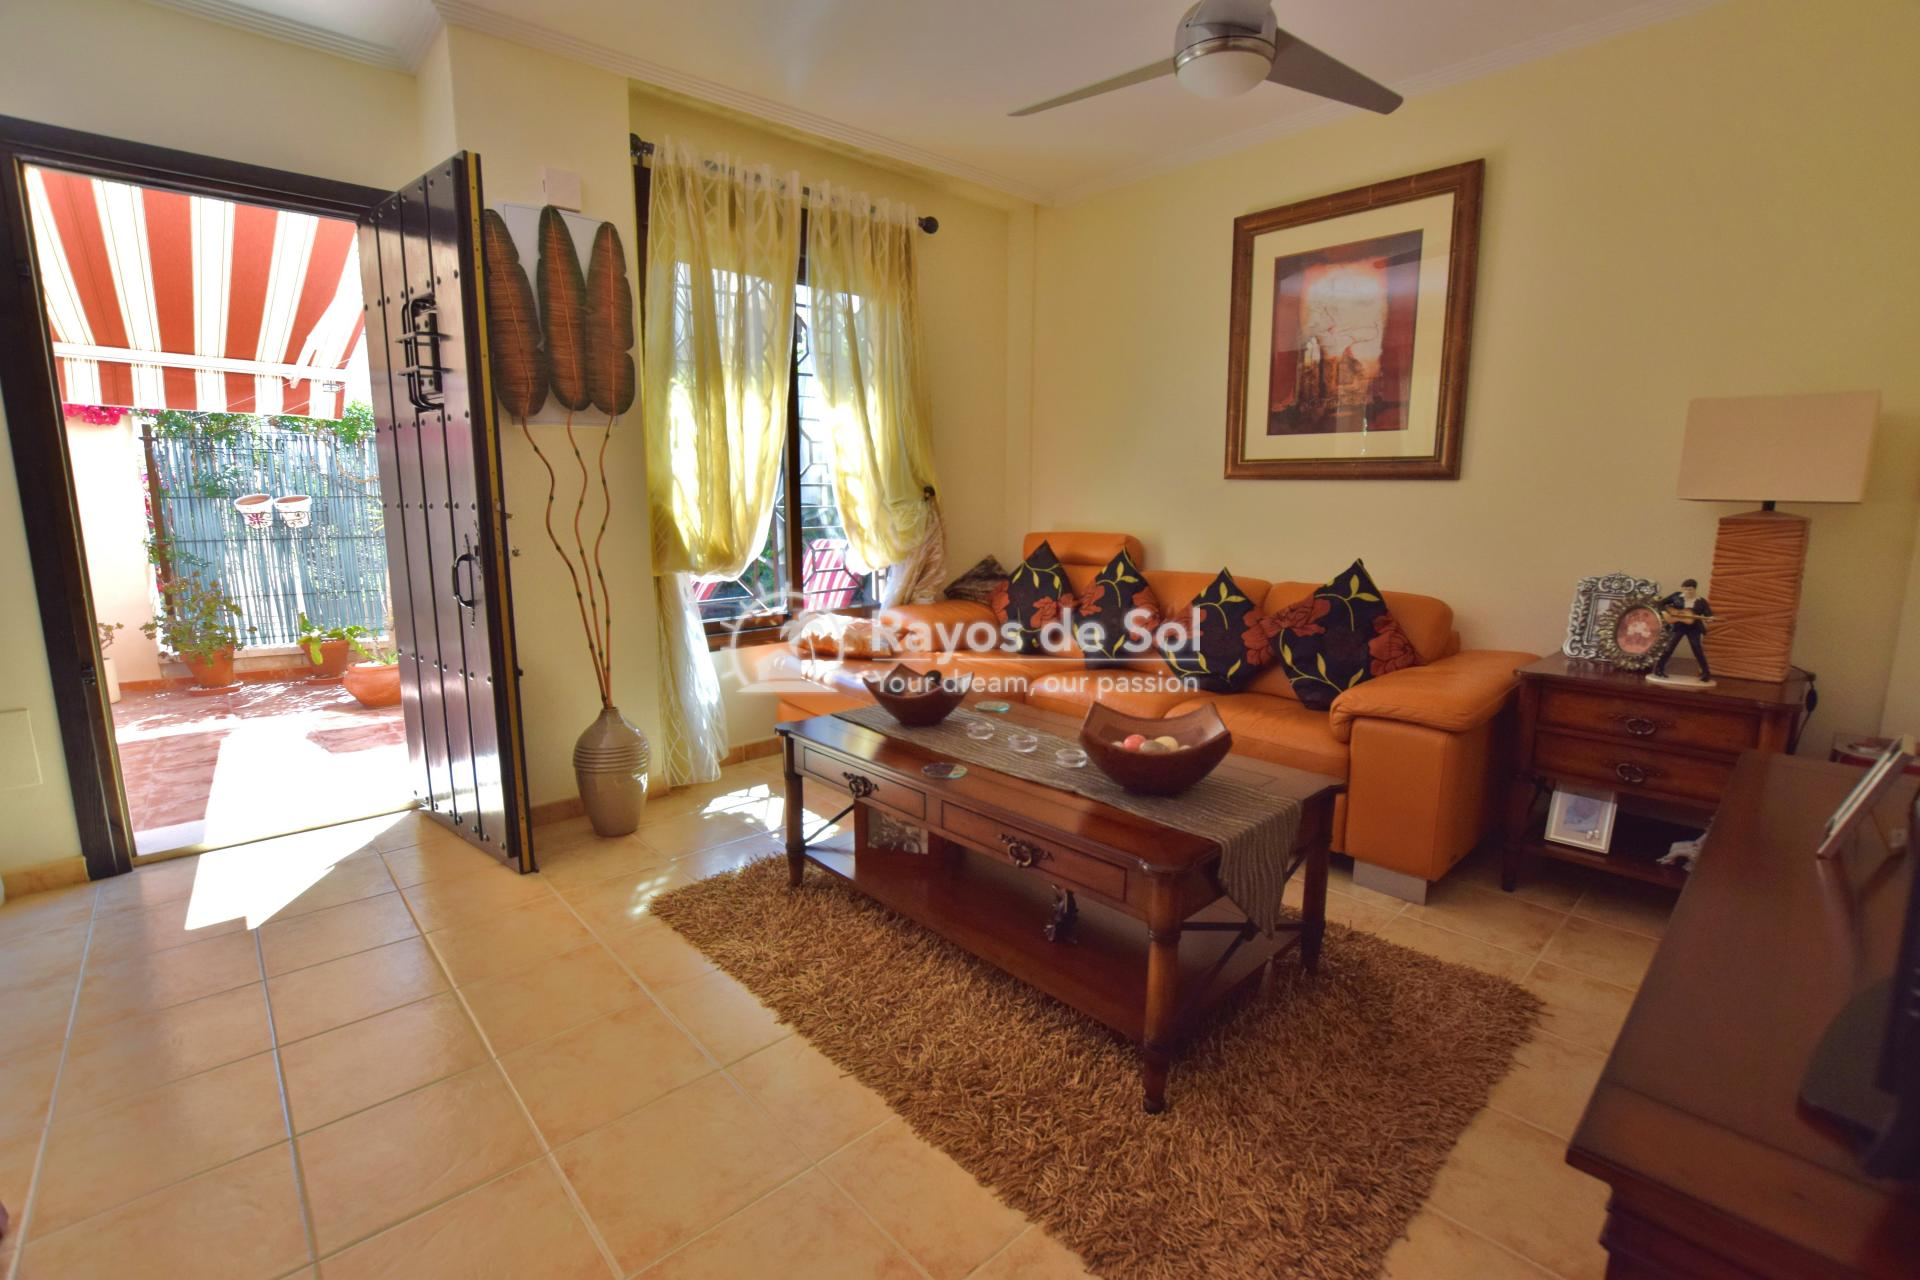 Schitterende quadvilla  in San Cayetano, Costa Cálida (SCRE0030) - 5